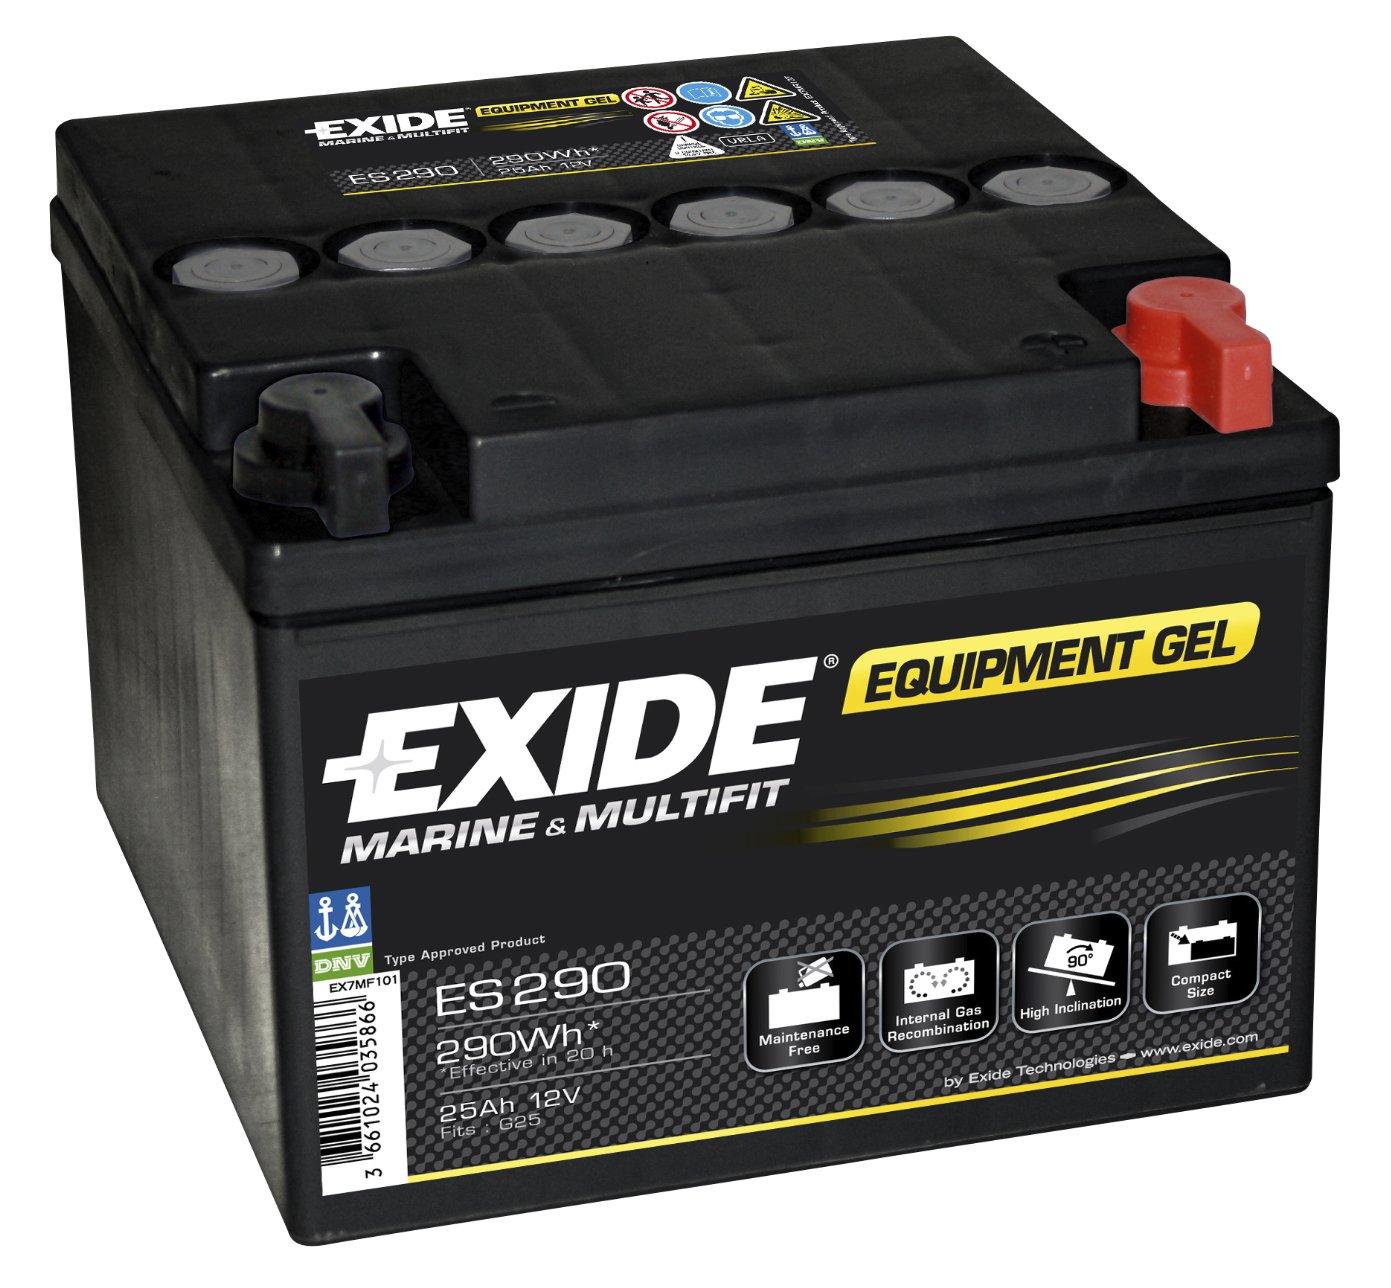 Batéria Exide Gel ES290 NPC 24Ah 25Ah Wroclaw